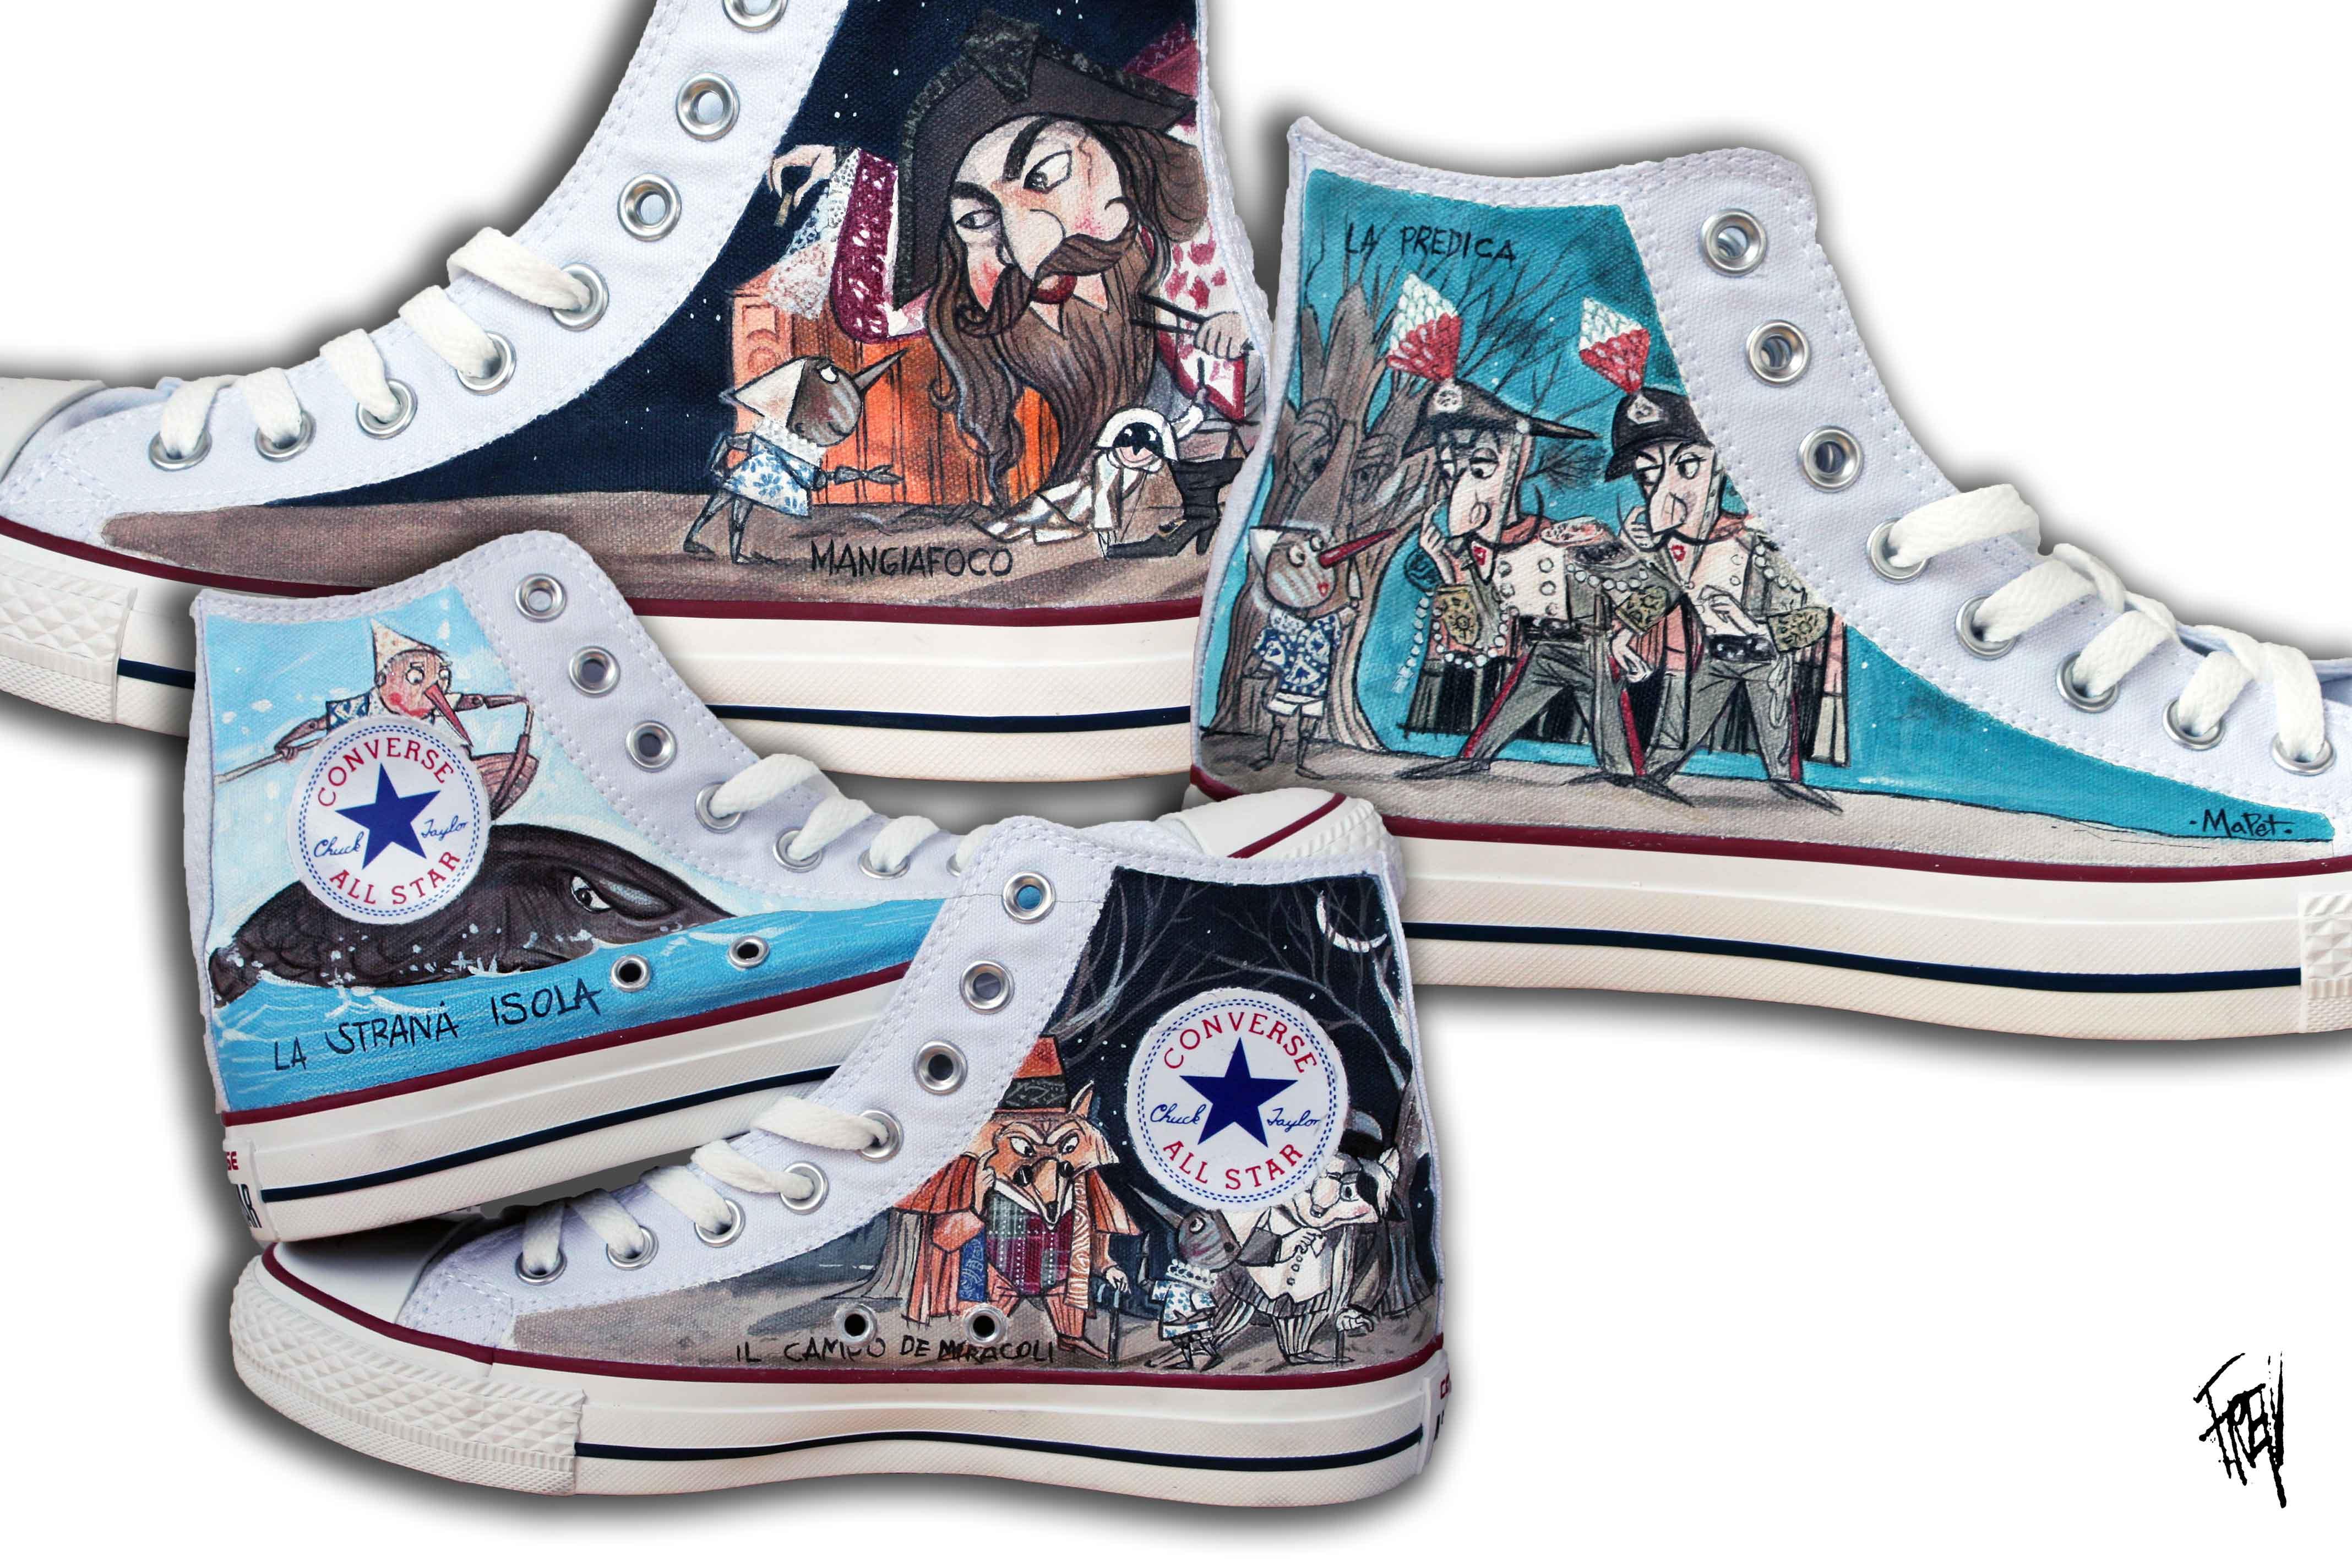 scarpe dipinte con Pinocchio